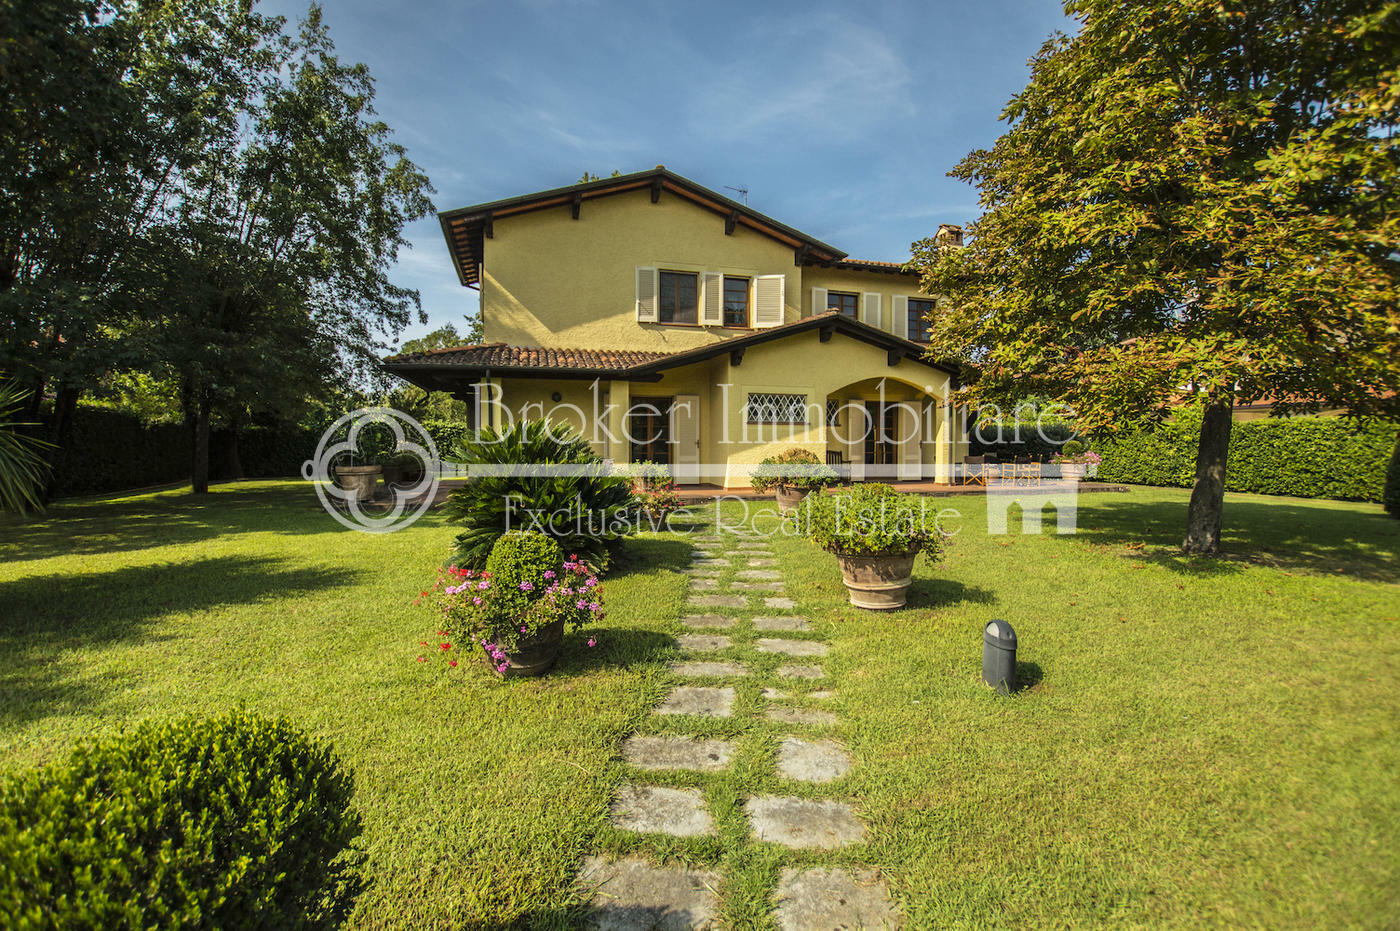 Villa in vendita a Forte dei Marmi ad 1,5 km dal mare